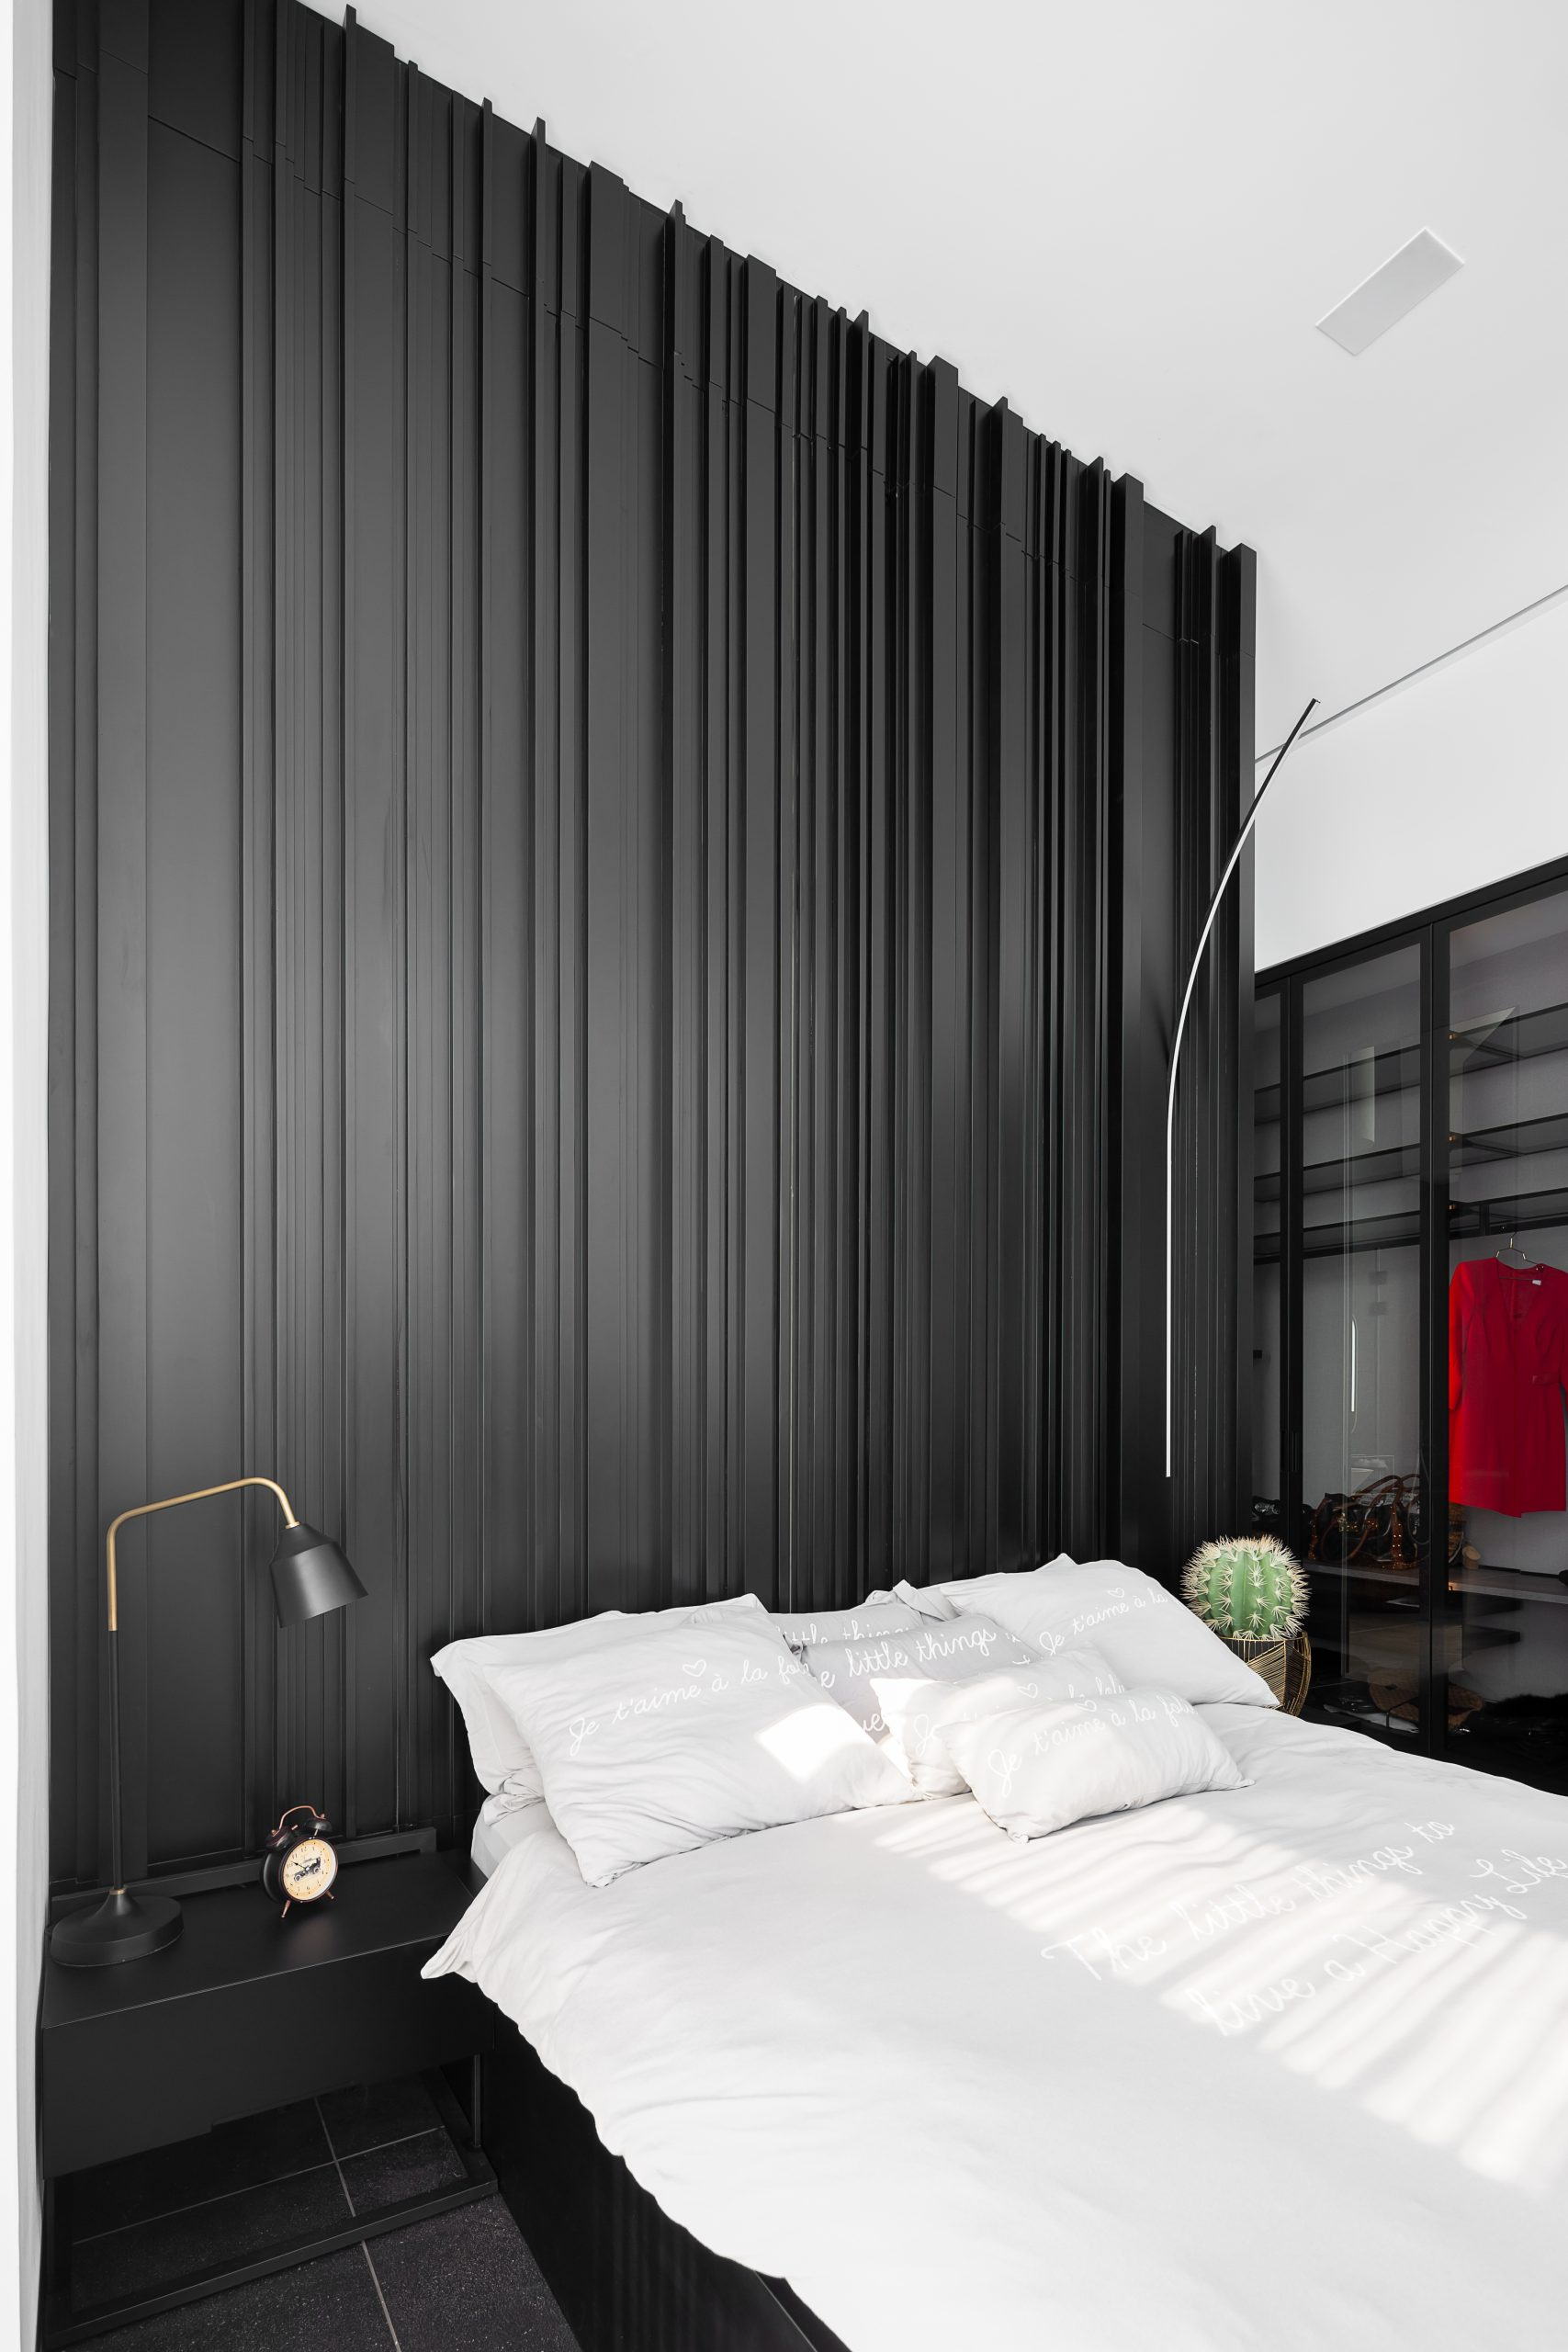 חדר שינה מעוצב עם וילונות שחורים